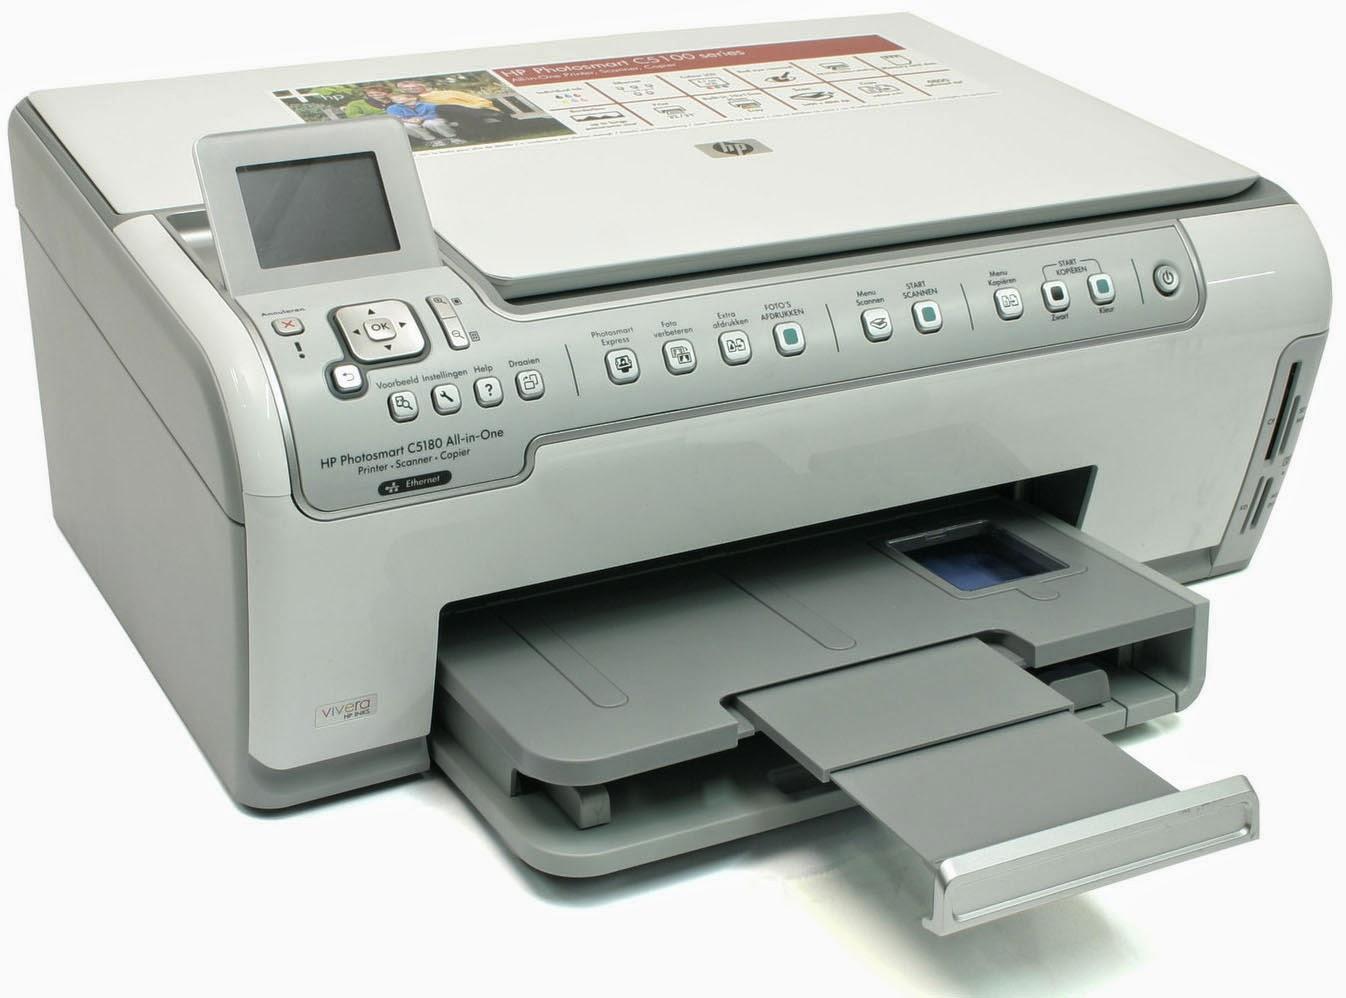 Скачать драйвер на принтер hp 7450 драйвер